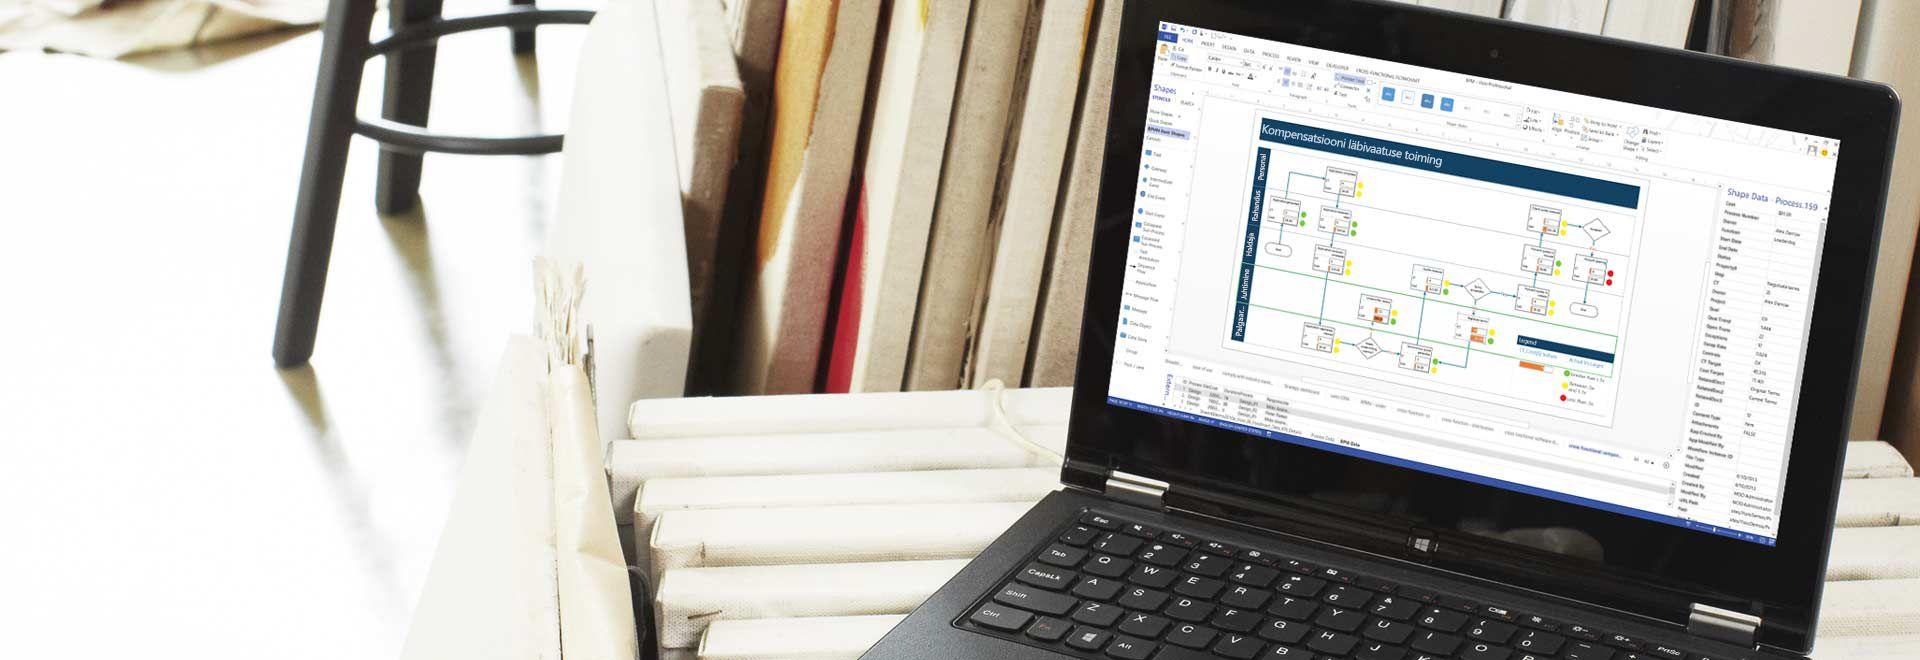 Sülearvuti ekraan, kus on näha protsessi töövooskeem rakenduses Visio Pro for Office 365